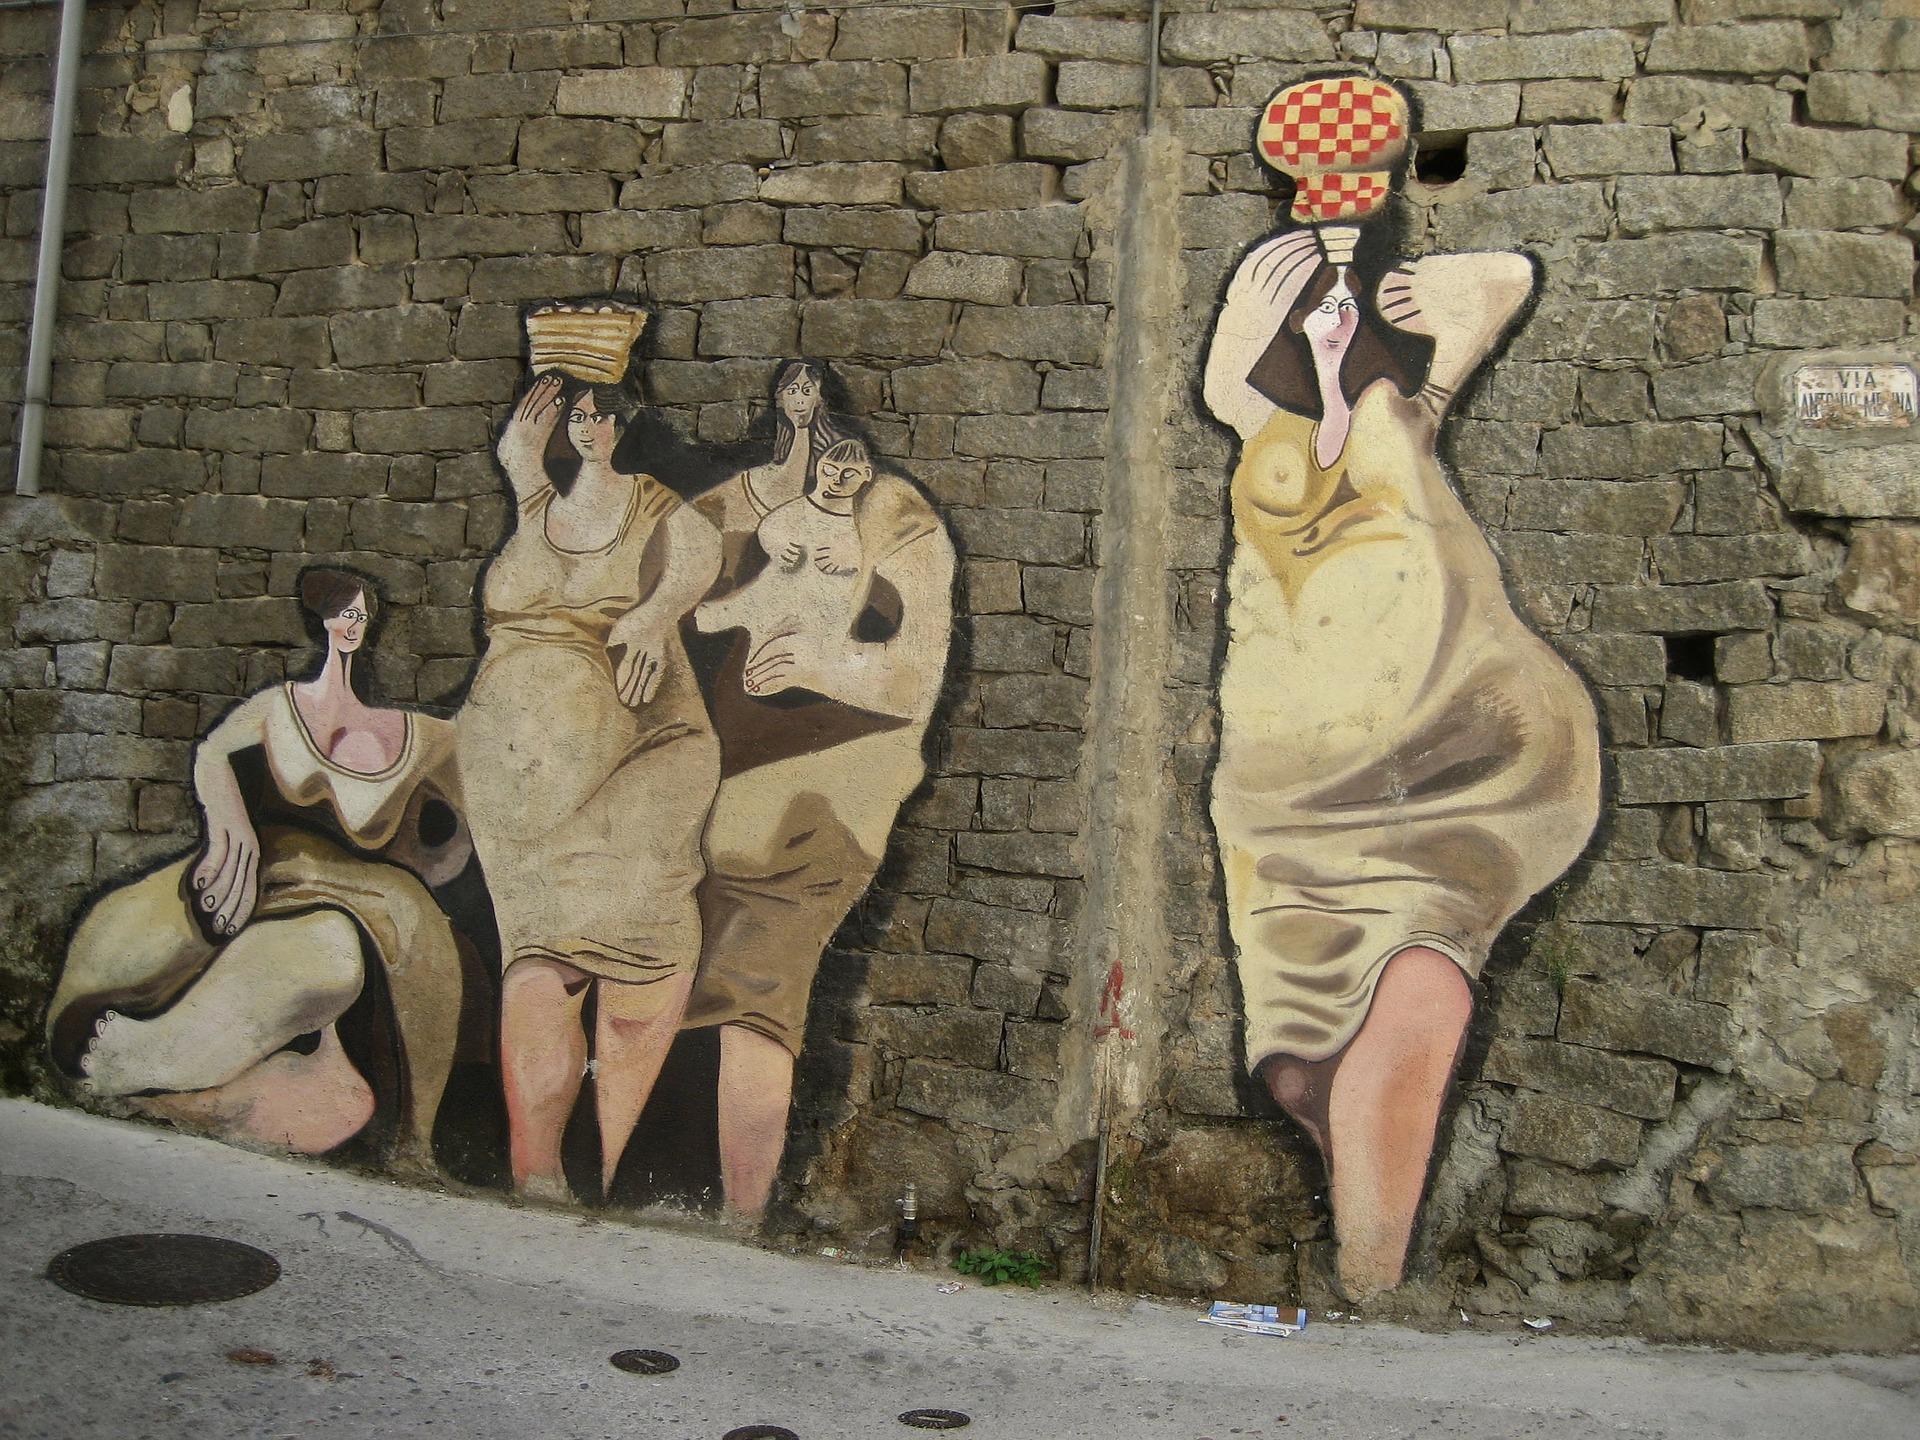 Mural in Sardinia https://pixabay.com/en/sardinia-murales-murals-art-223377/